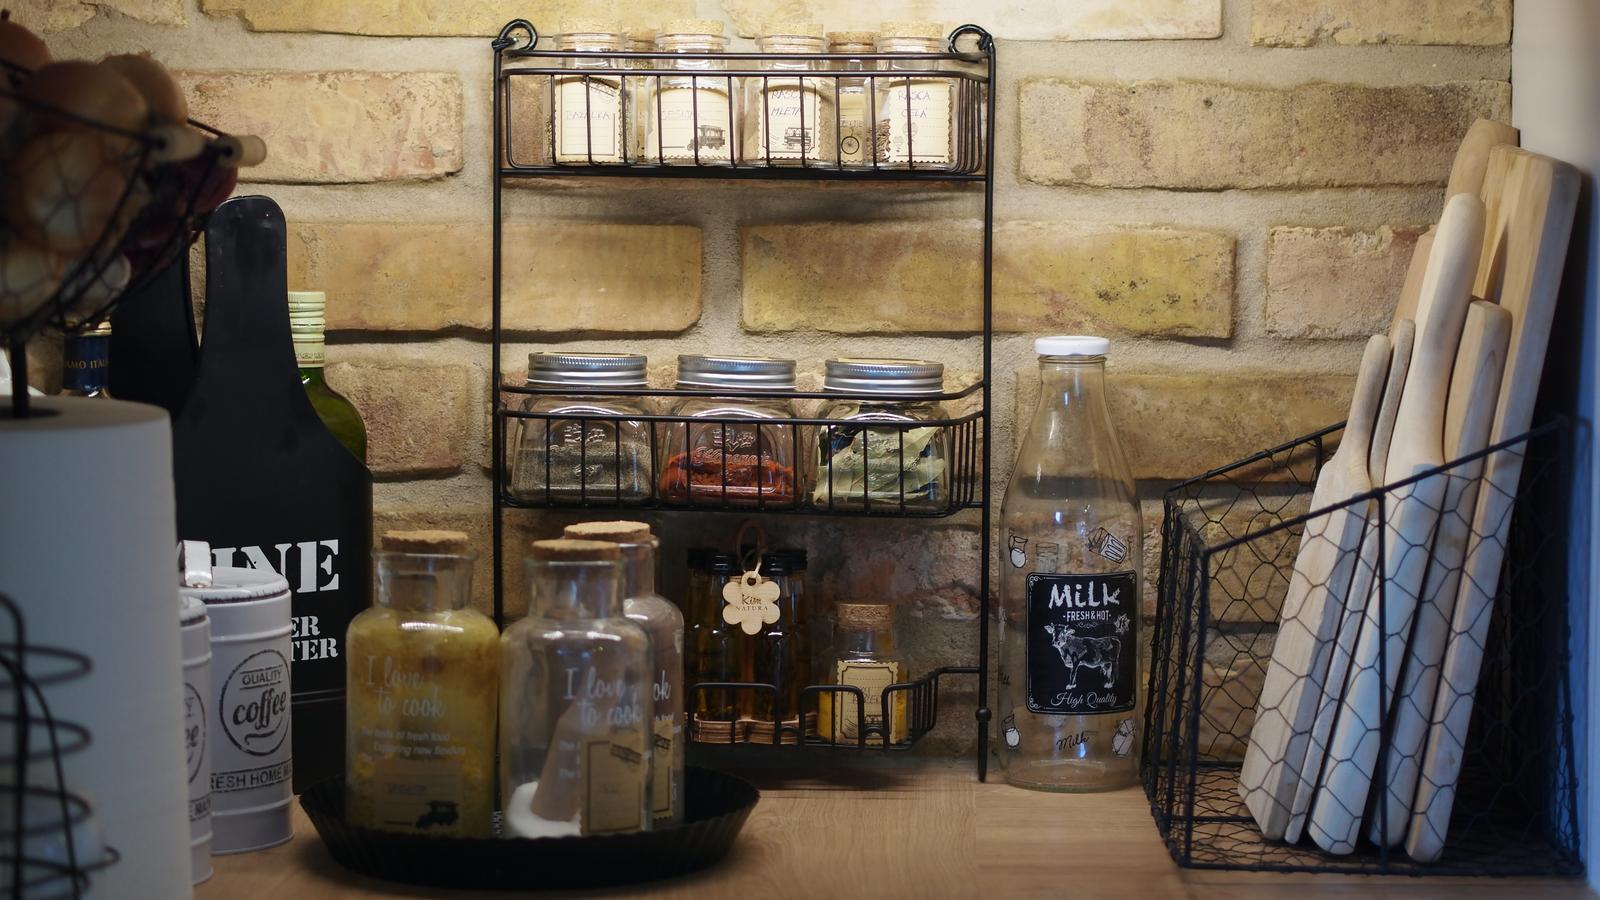 Náš domček ♡ Bramasole ♡ ... Stilo interiér aj exteriér 3. rok bývania - Obrázok č. 368